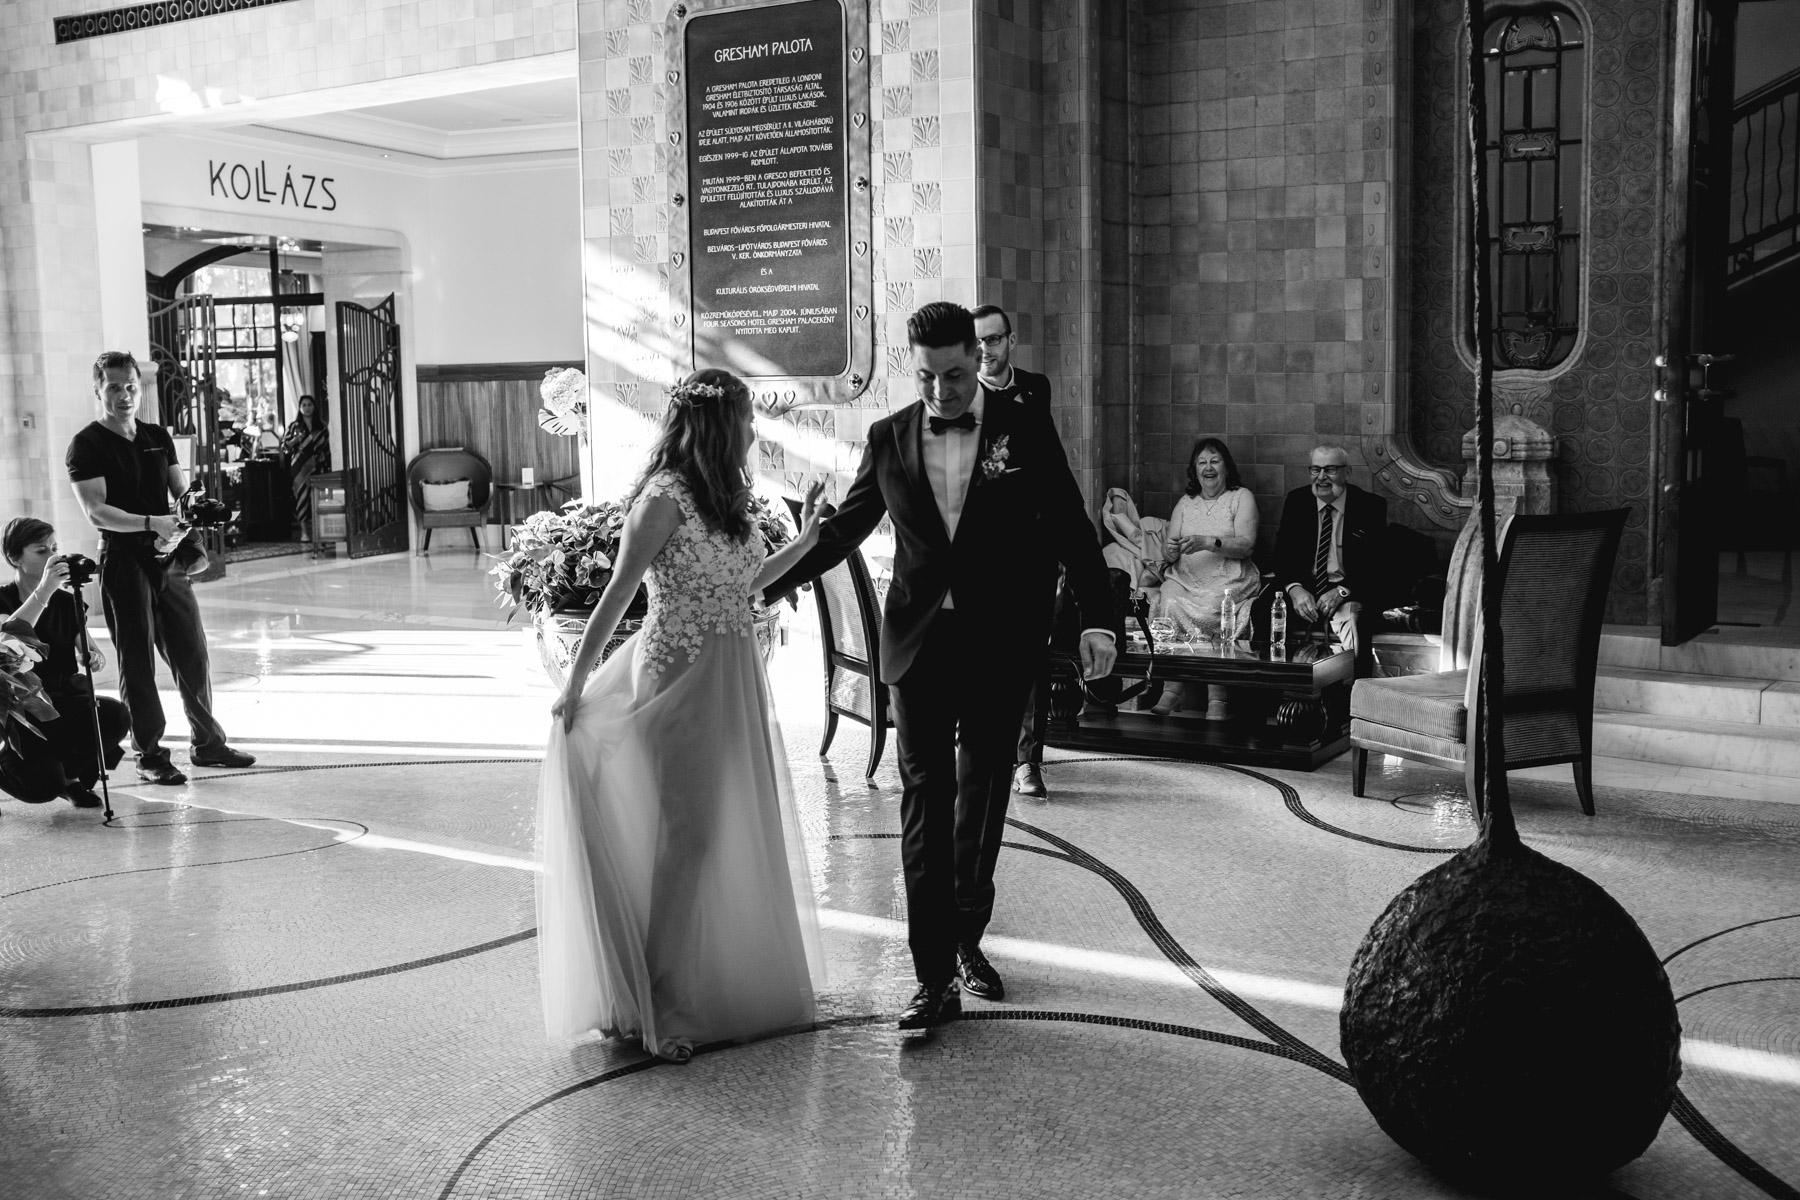 MartinLiebl_Kein_Hochzeitsfotograf_No_Wedding_Photographer_Budapest_Gresham_Palace_023.jpg